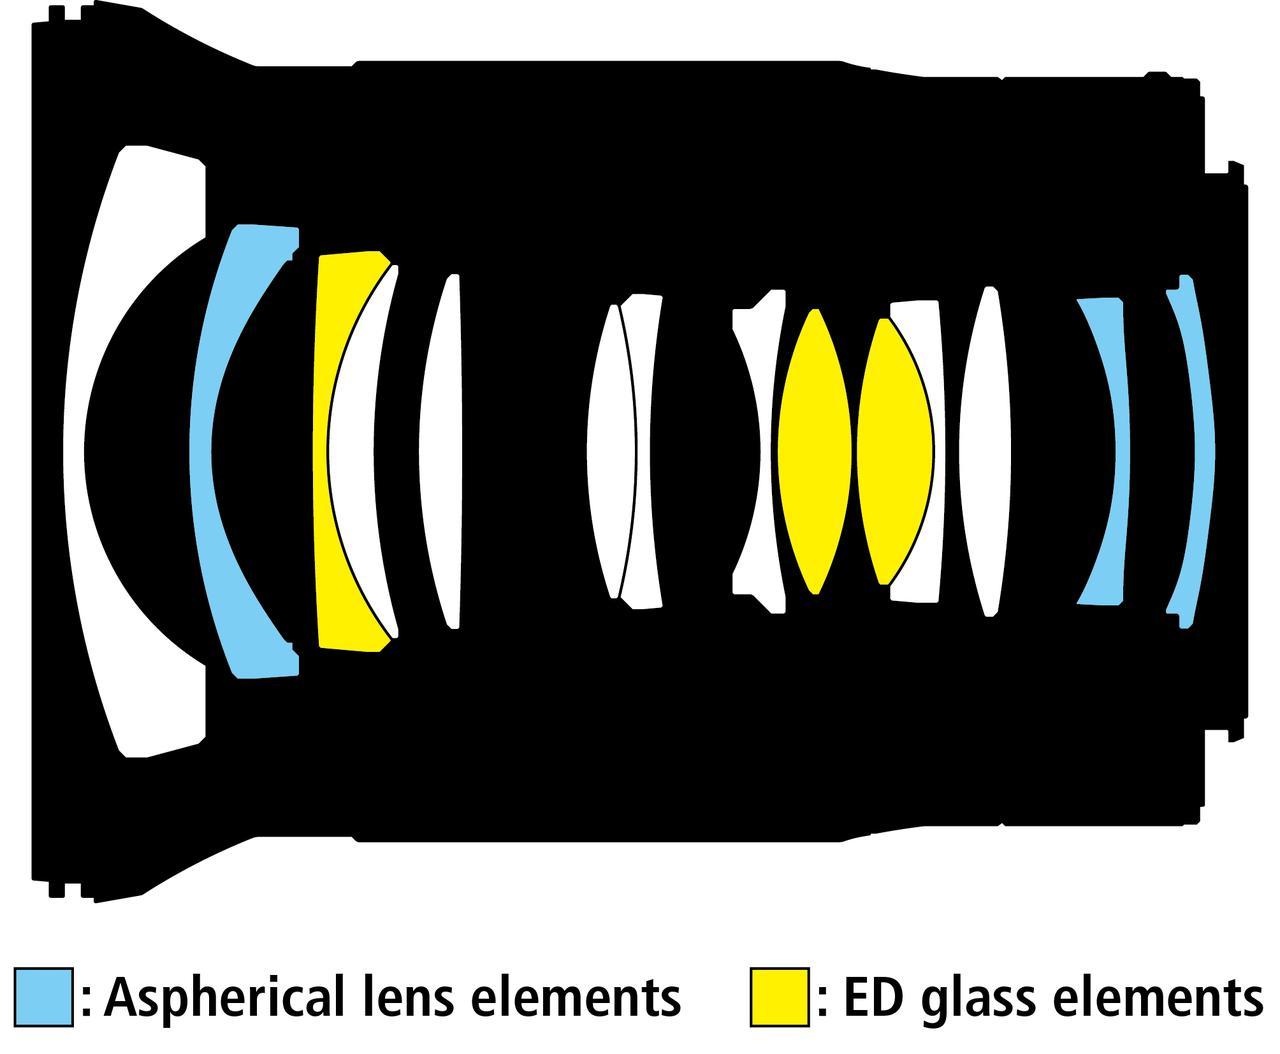 画像: 11群14枚、EDレンズ3枚、非球面レンズ3枚を使用